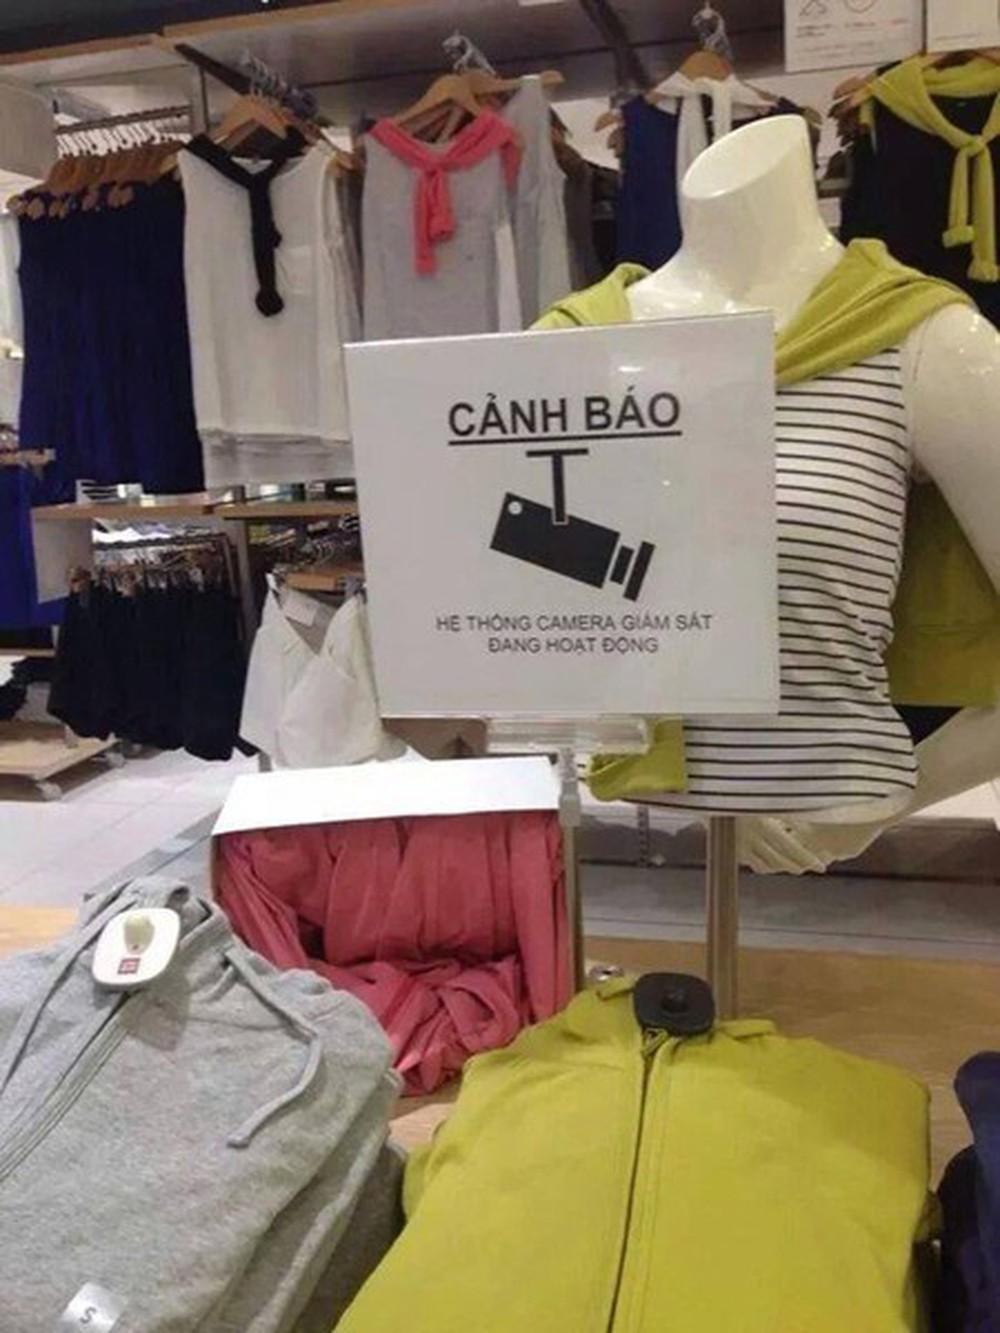 Cảnh báo bằng tiếng Việt về việc có hệ thống carema giám sát tránh ăn cắp tại một cửa hàng thời trang ở tỉnh Saitama, Nhật Bản, xuất hiện trên mạng tháng 7/2014.